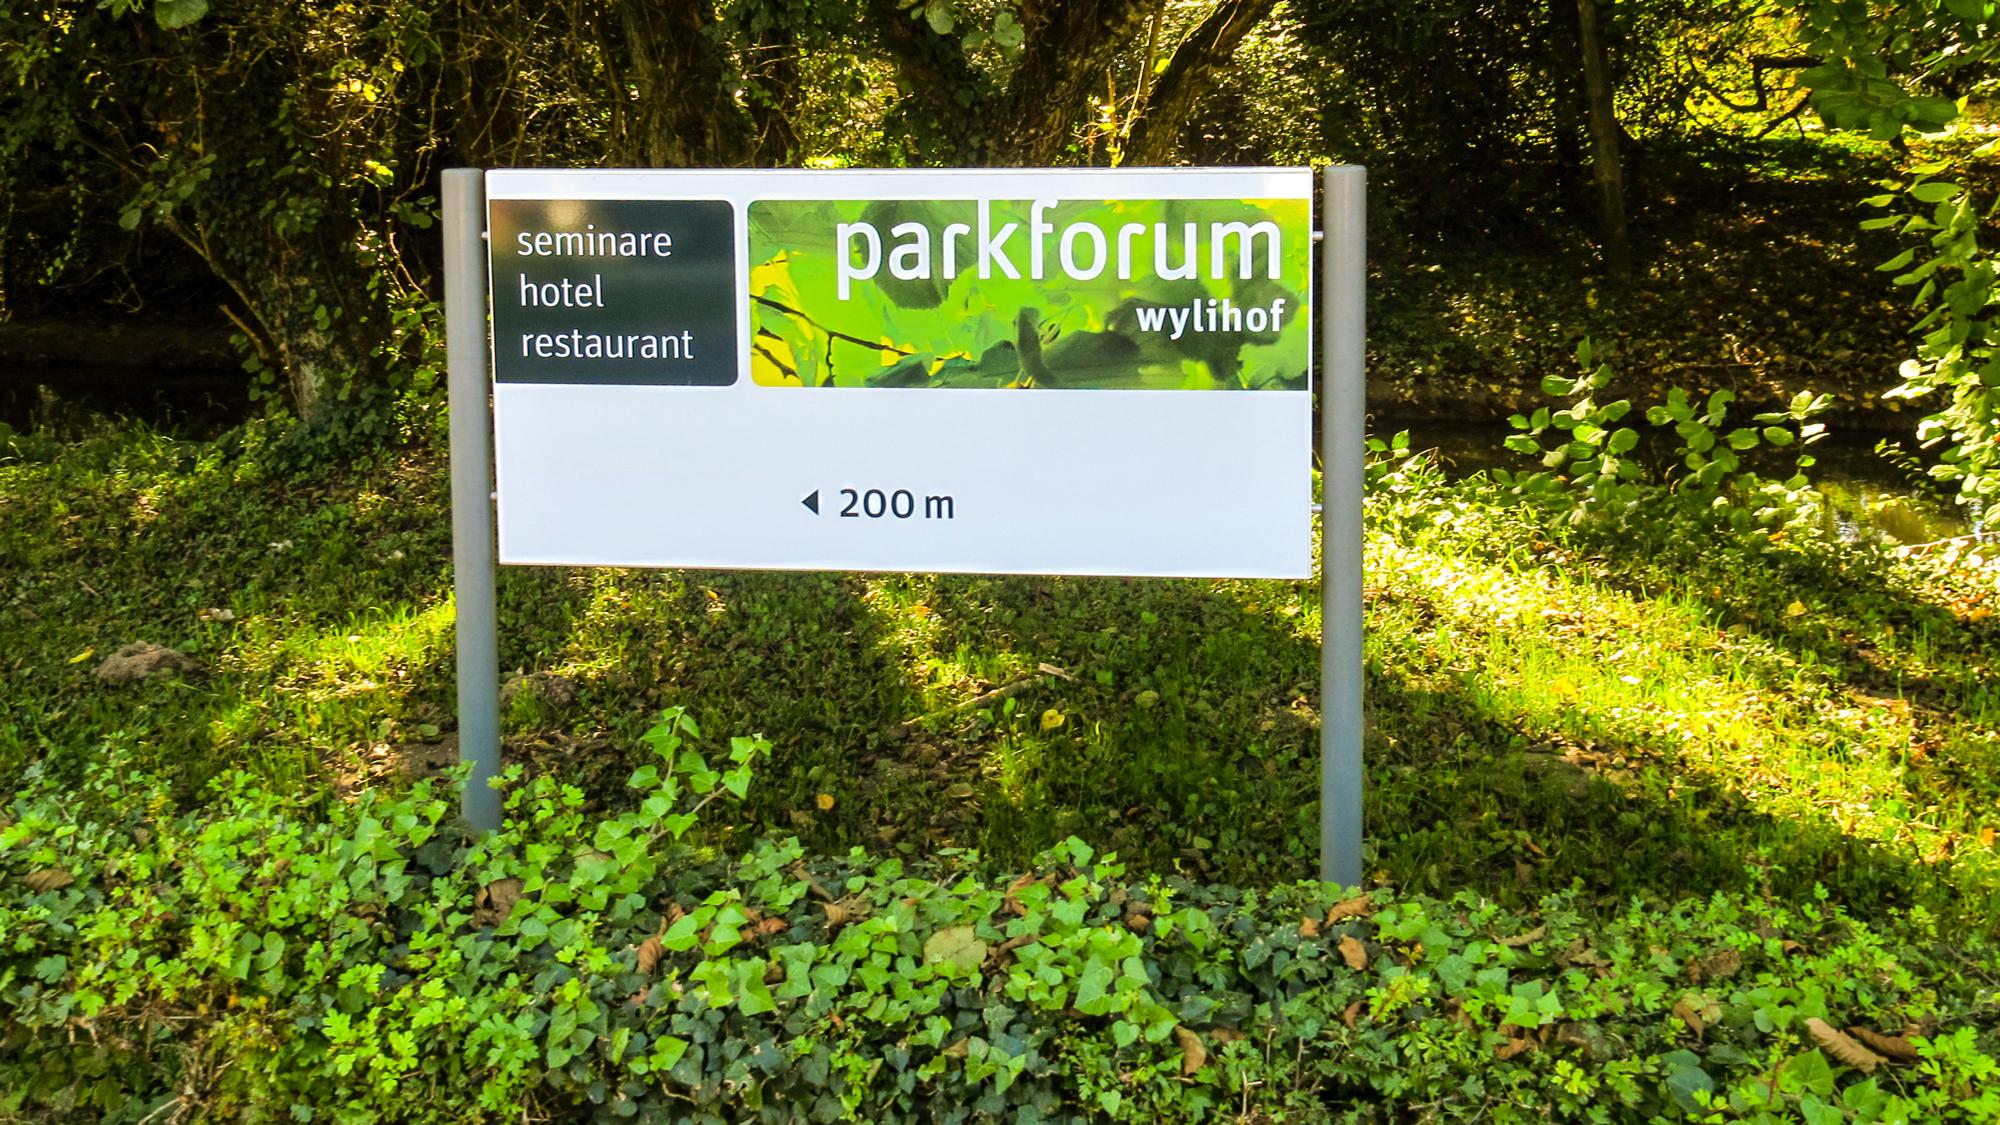 Parkforum.jpg